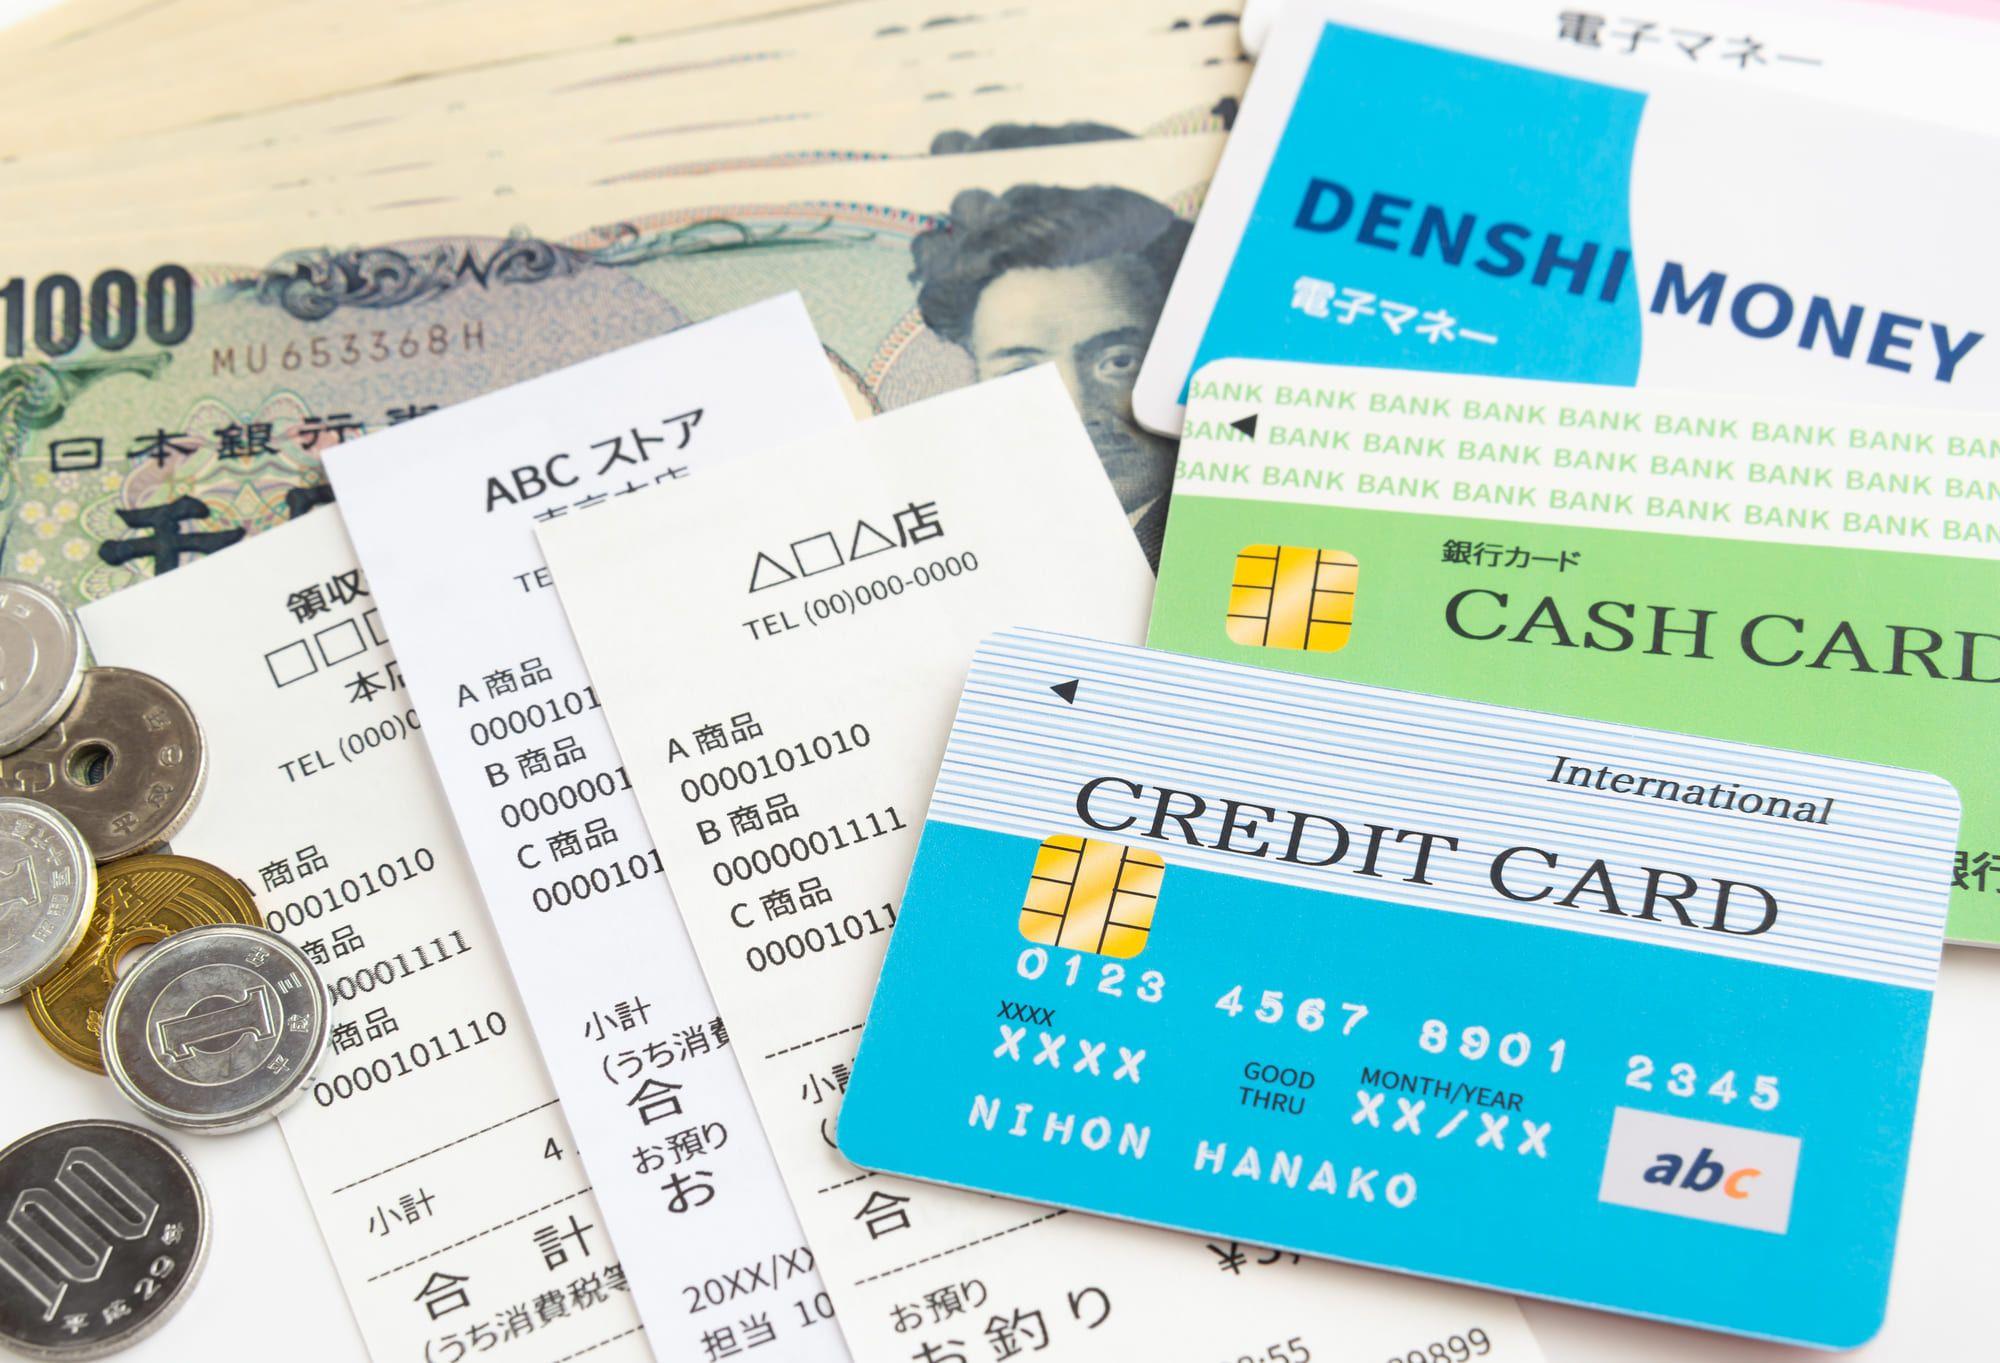 クレジットカード決済で領収書なし!経費処理できる条件&おすすめの法人カード5選